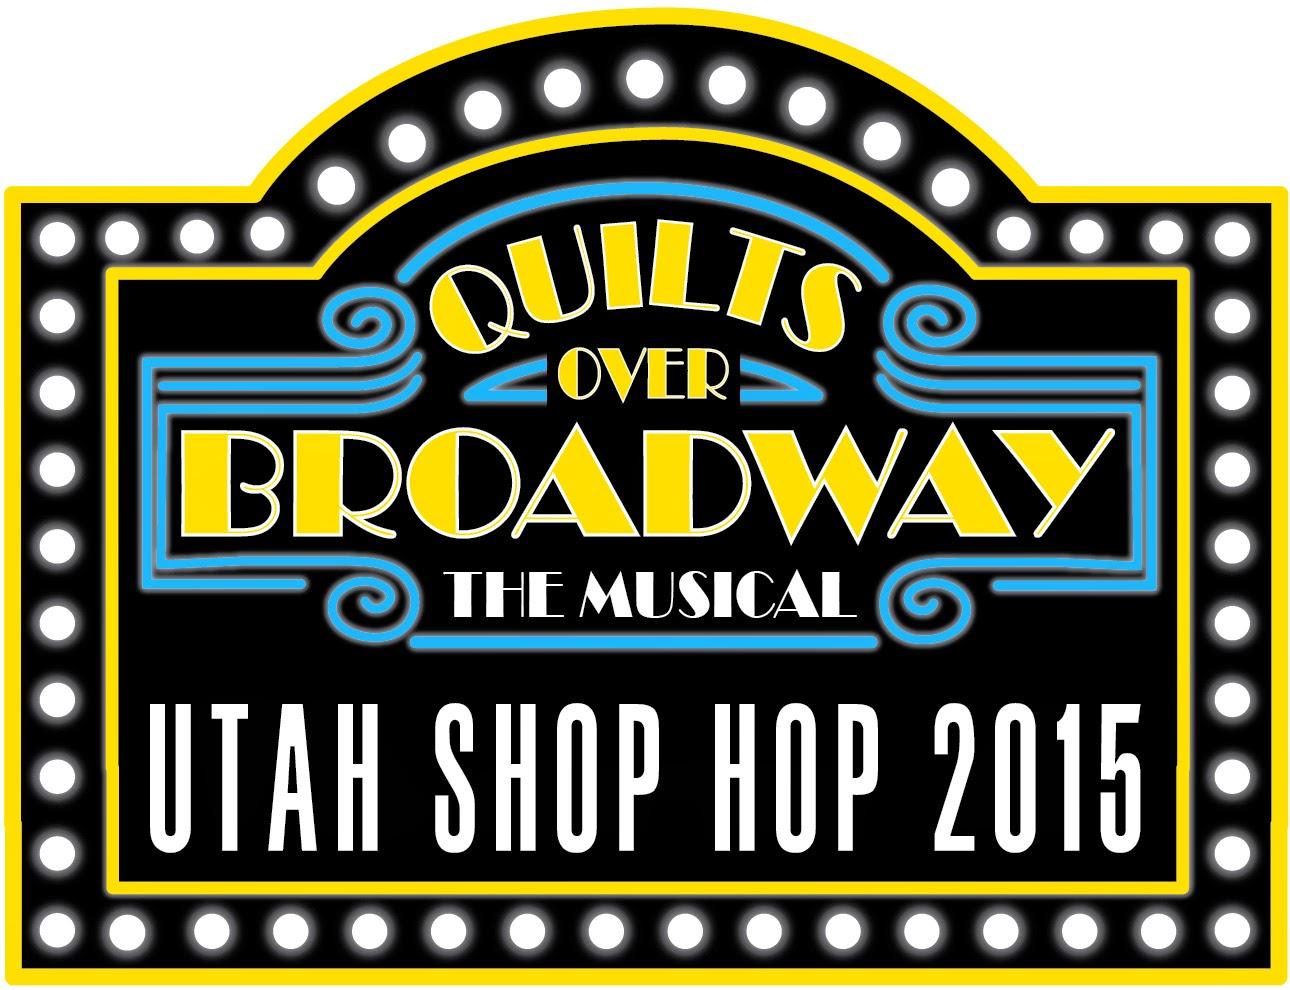 Utah Shop Hop 2015